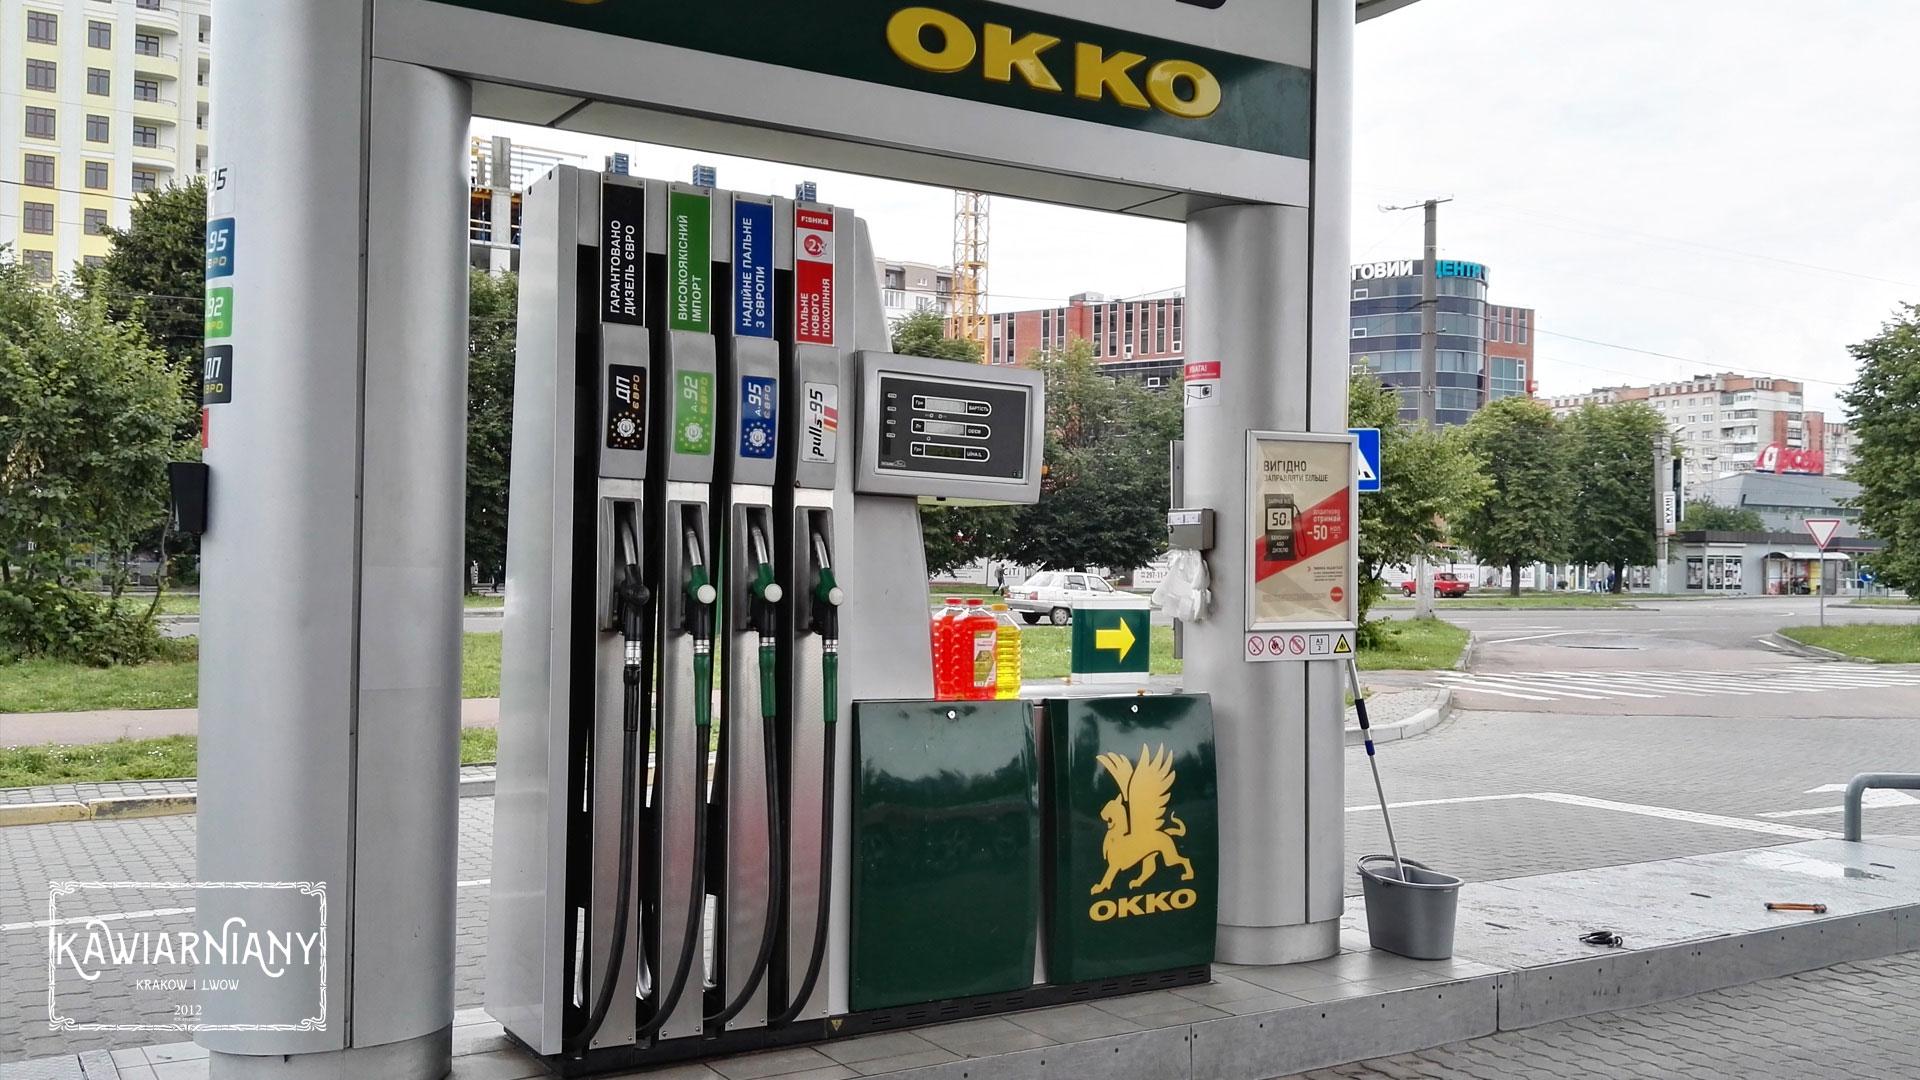 Stacje benzynowe na Ukrainie – dobre stacje, ceny paliw, jakość paliwa